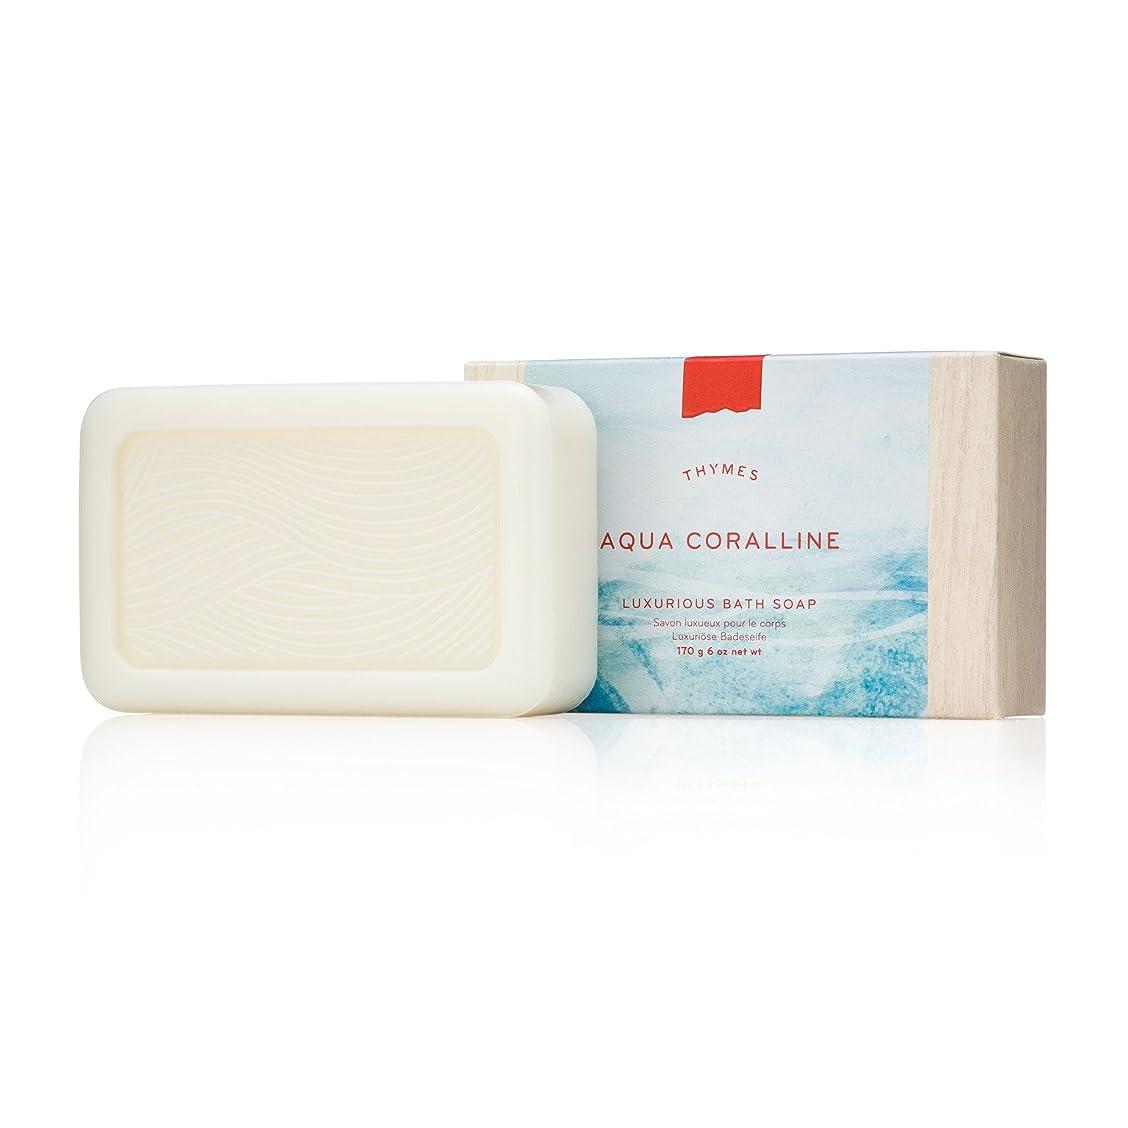 ベンチ摂氏度虫を数えるタイムズ Aqua Coralline Luxurious Bath Soap 170g/6oz並行輸入品